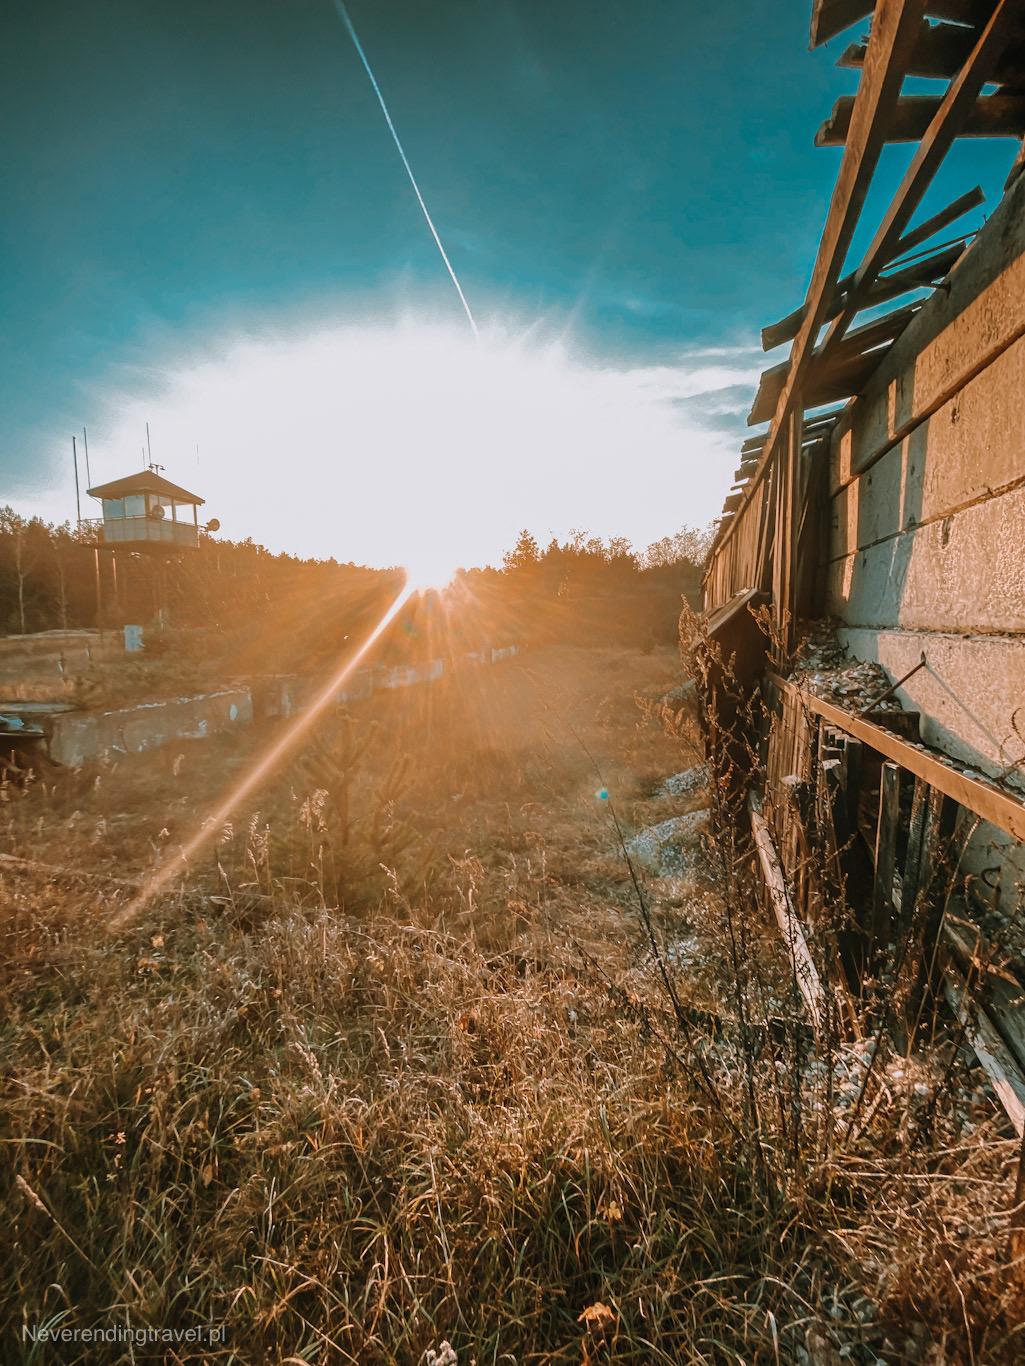 poligon cybulice,strzelnica, kampinos, grochalskie piachy, ciekawe miejsca w kampinosie, kampinoski park narodowy, ciekawe miejsca warszawa, pustynia koło warszawy, polska ciekawe miejsca, drewniana strzelnica, ruina